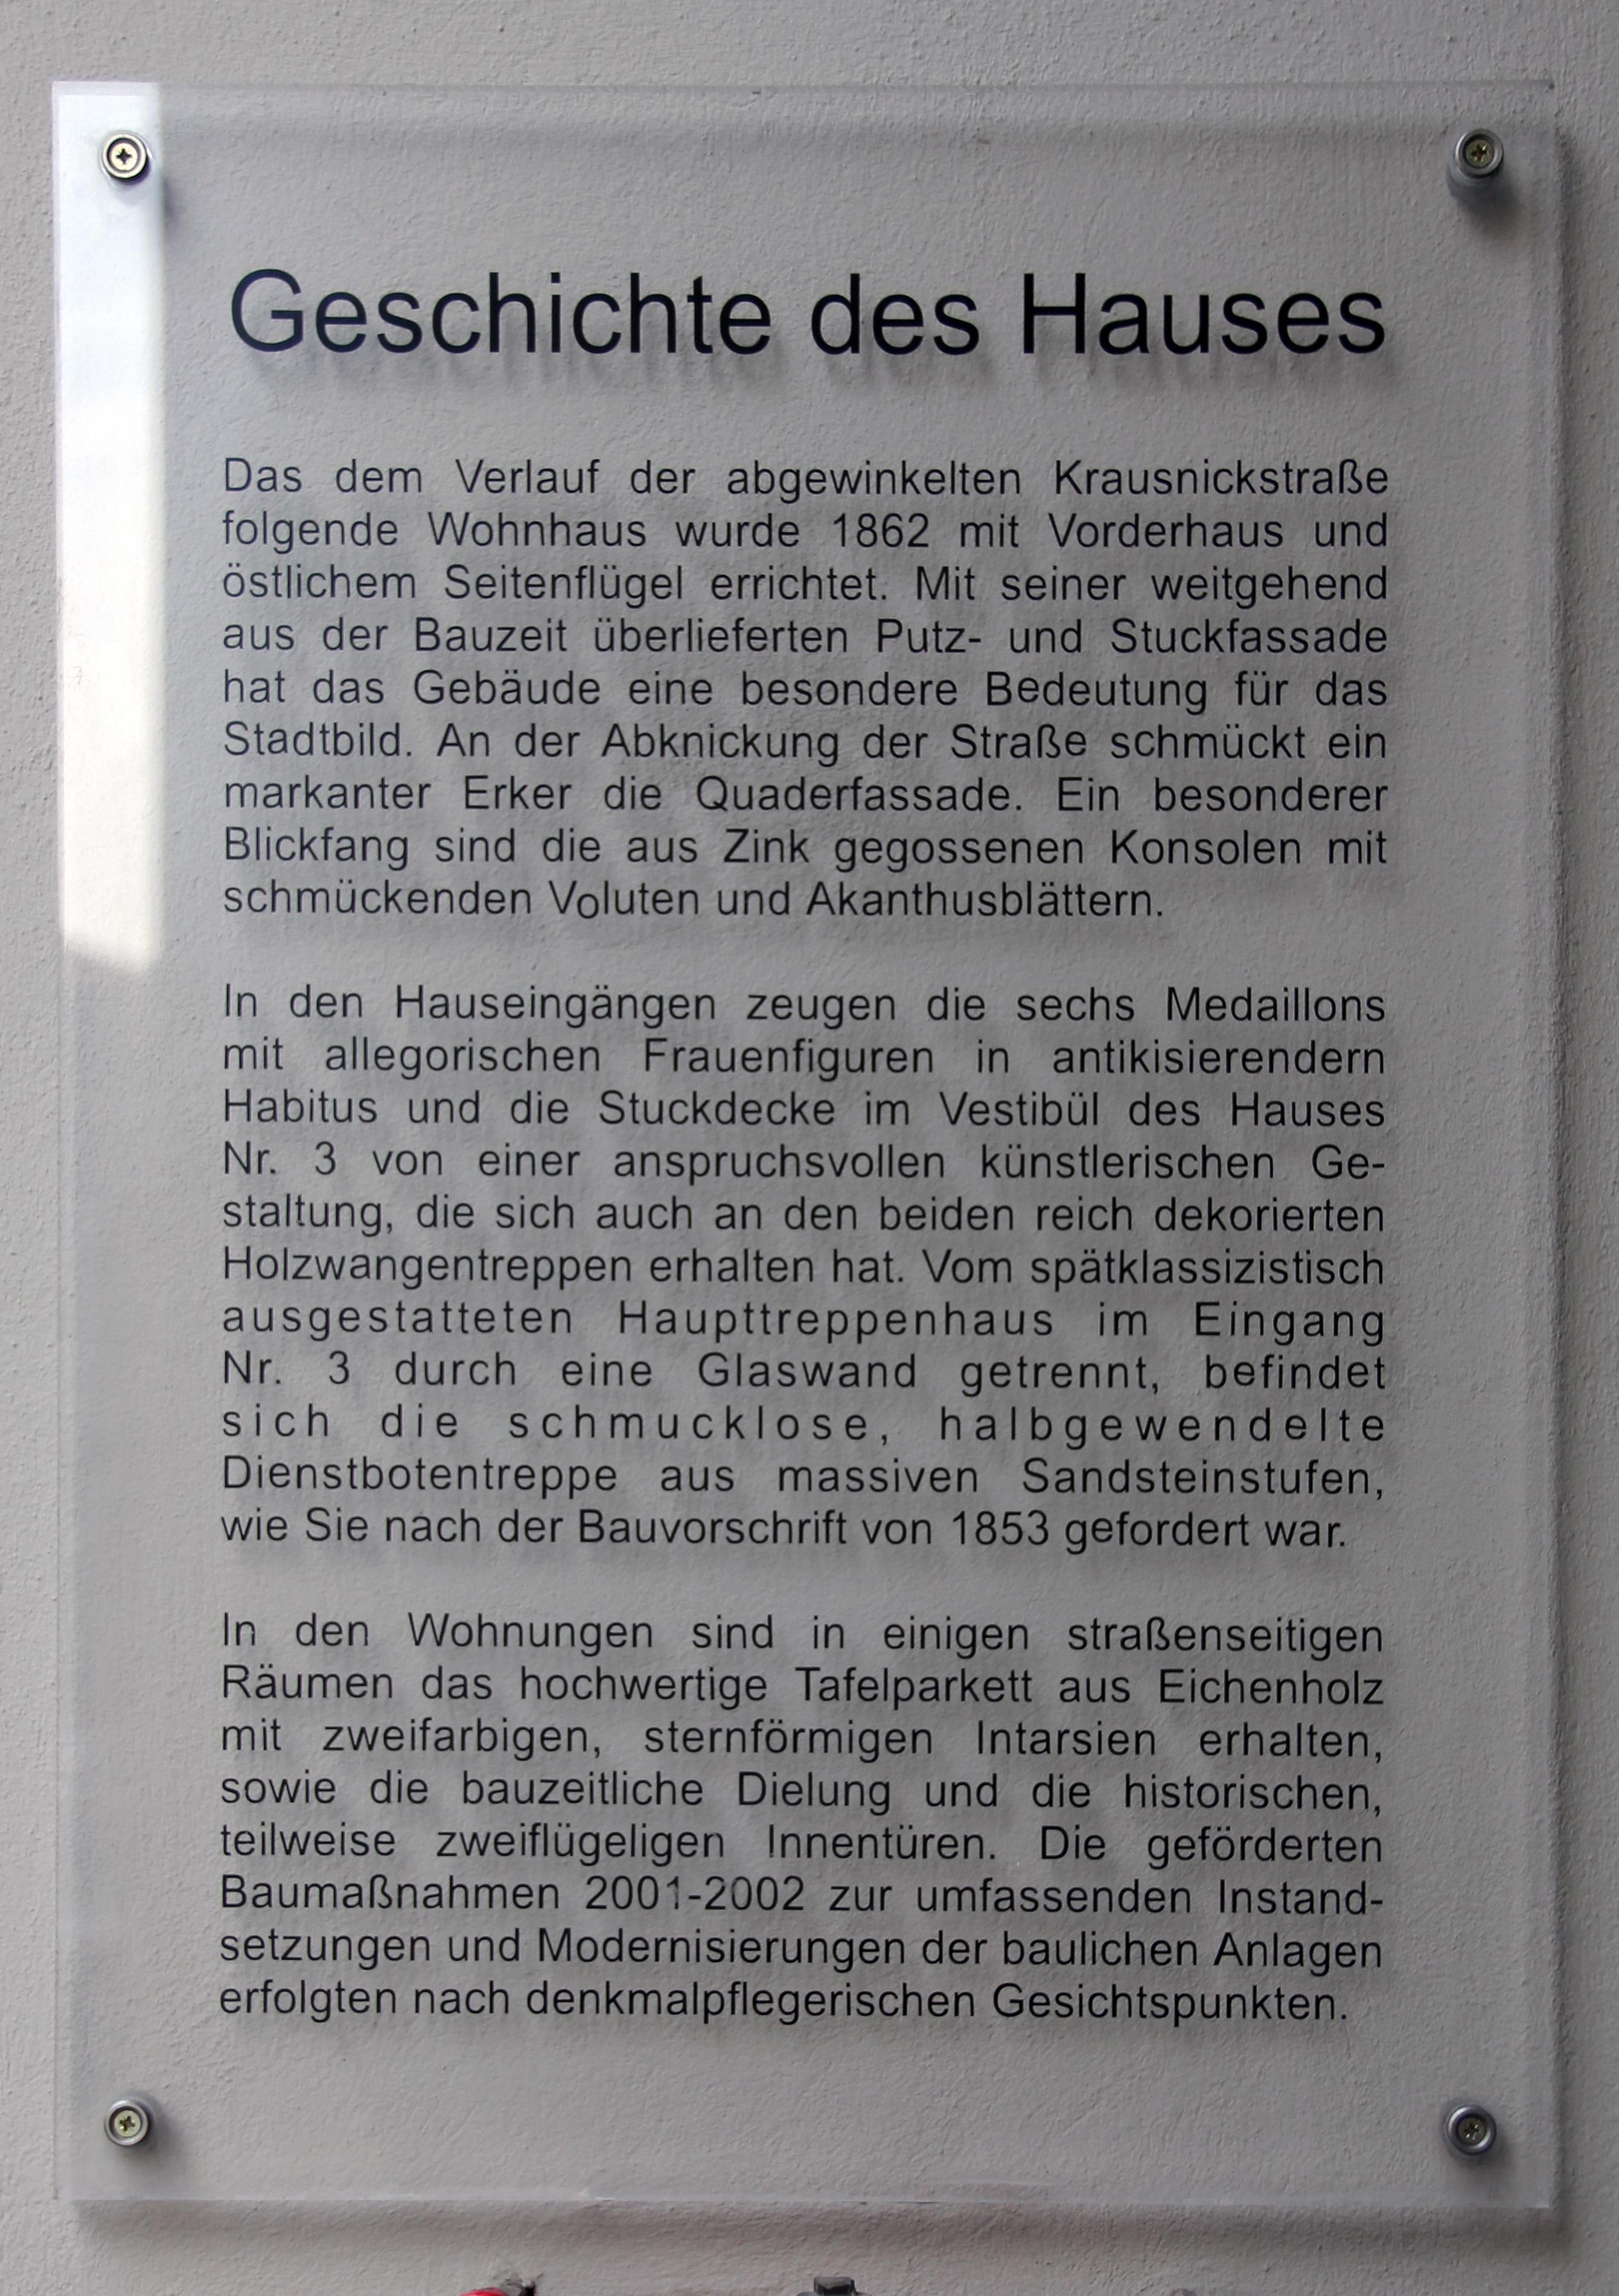 fb1a106ad29a81 File Gedenktafel Krausnickstr 3 (Mitte) Geschichte des Hauses.jpg ...